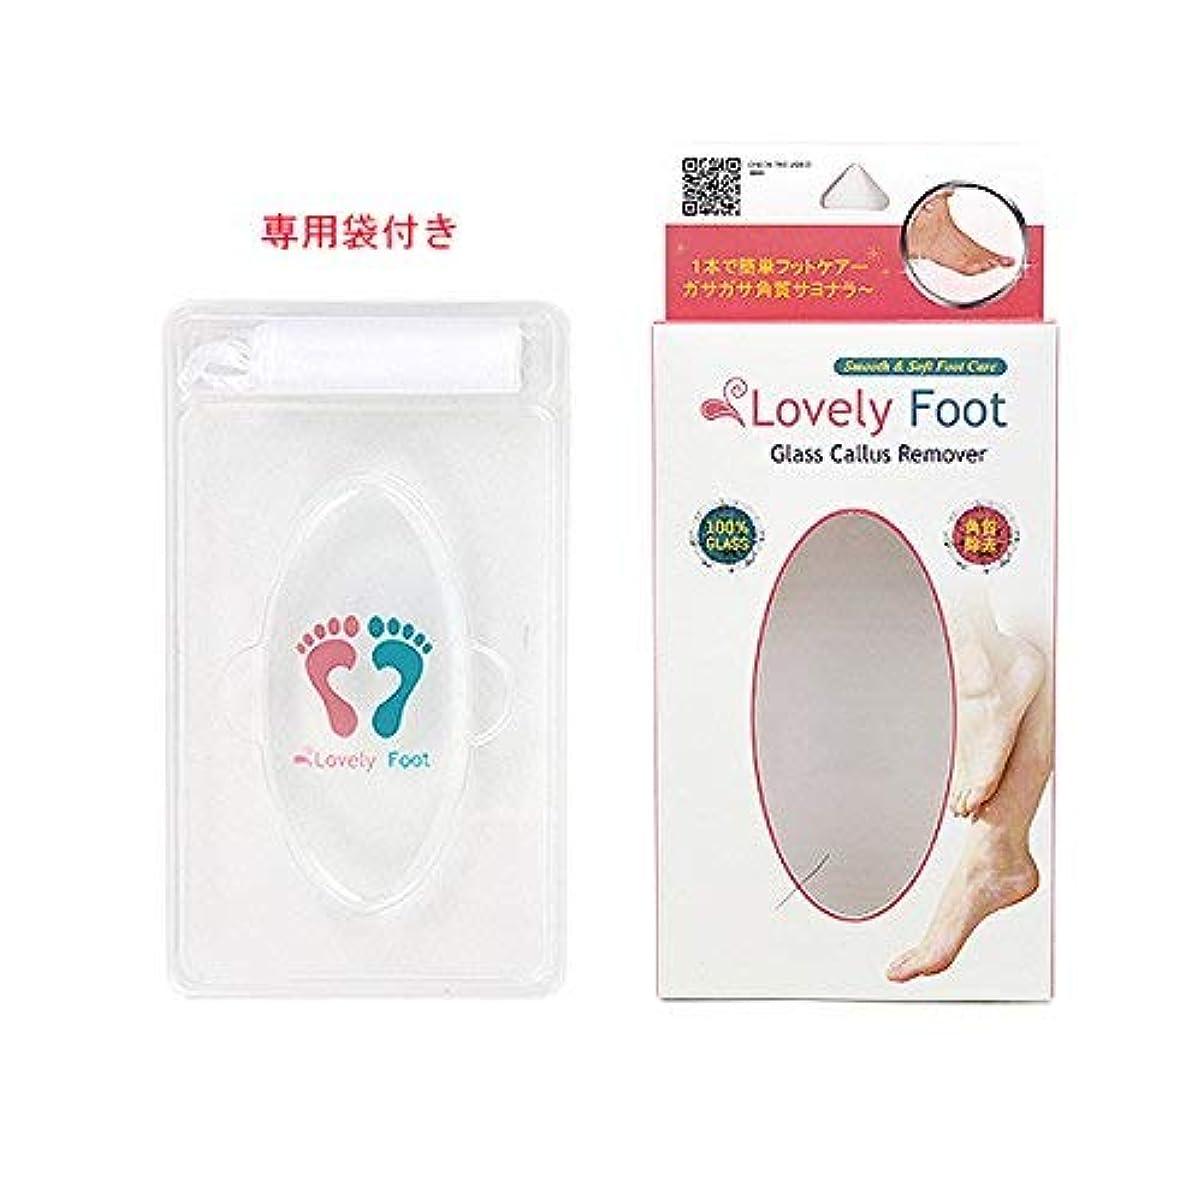 ネックレットサイドボード理容室Lovely Foot Glass Callus Remover (ガラス角質取り)